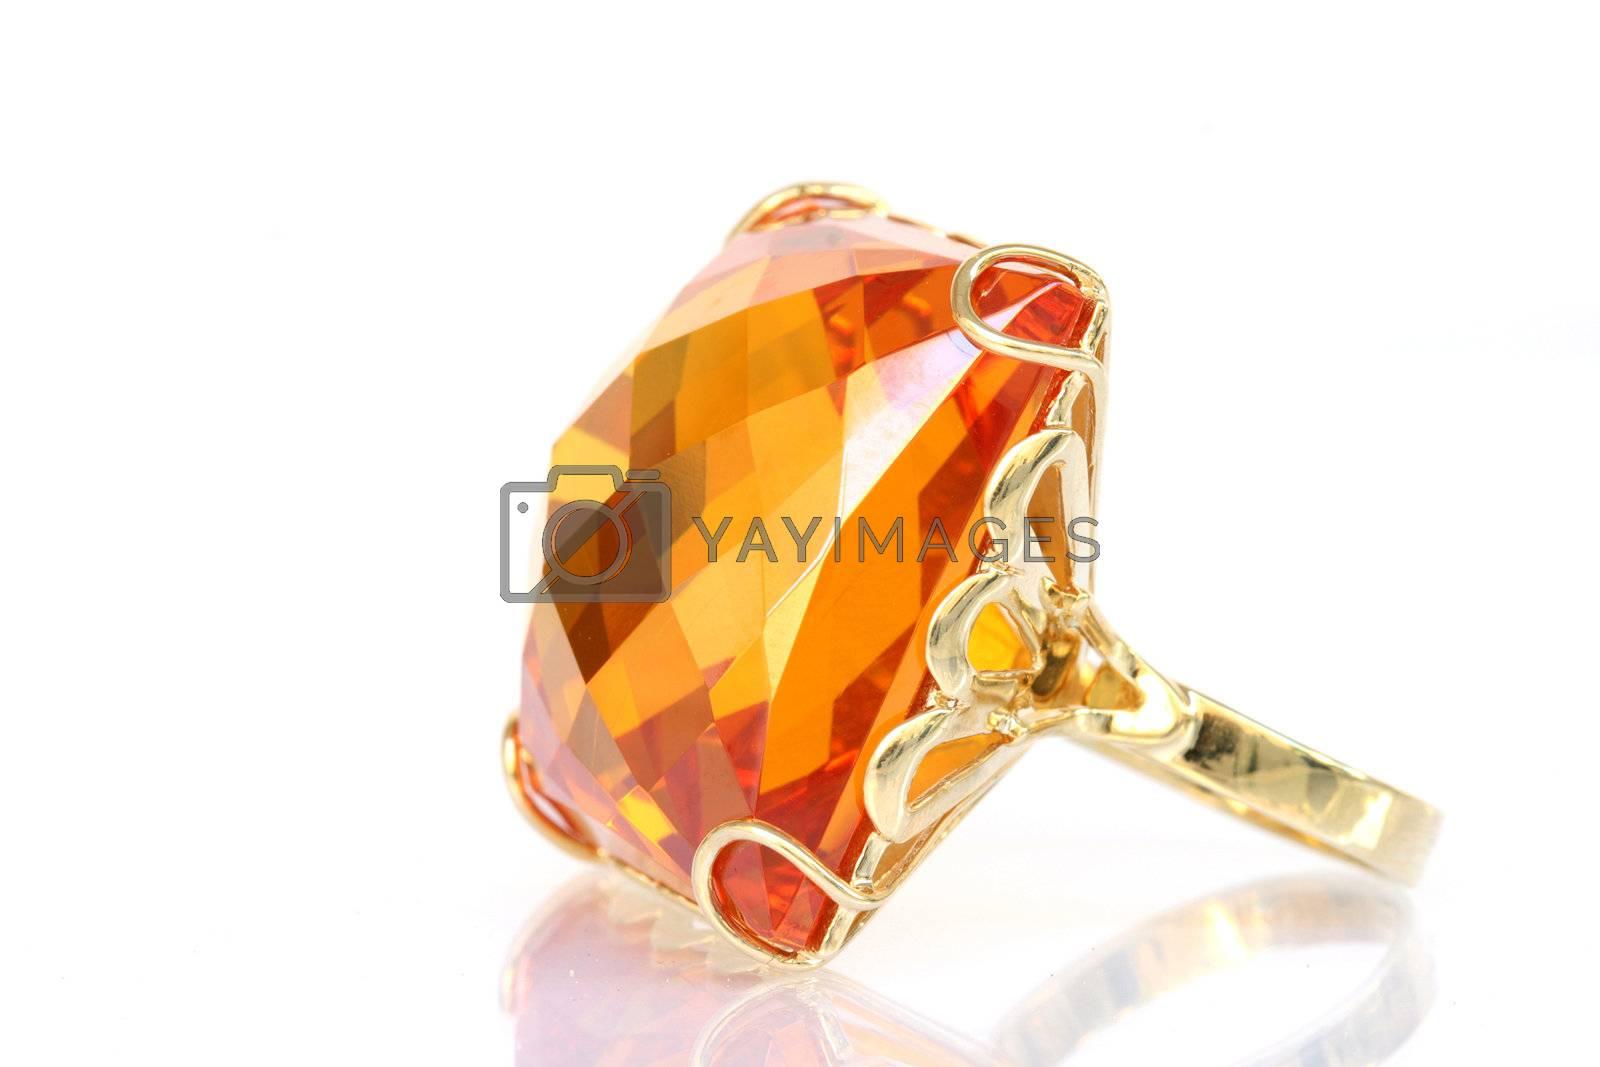 big gem ring by forwardcom